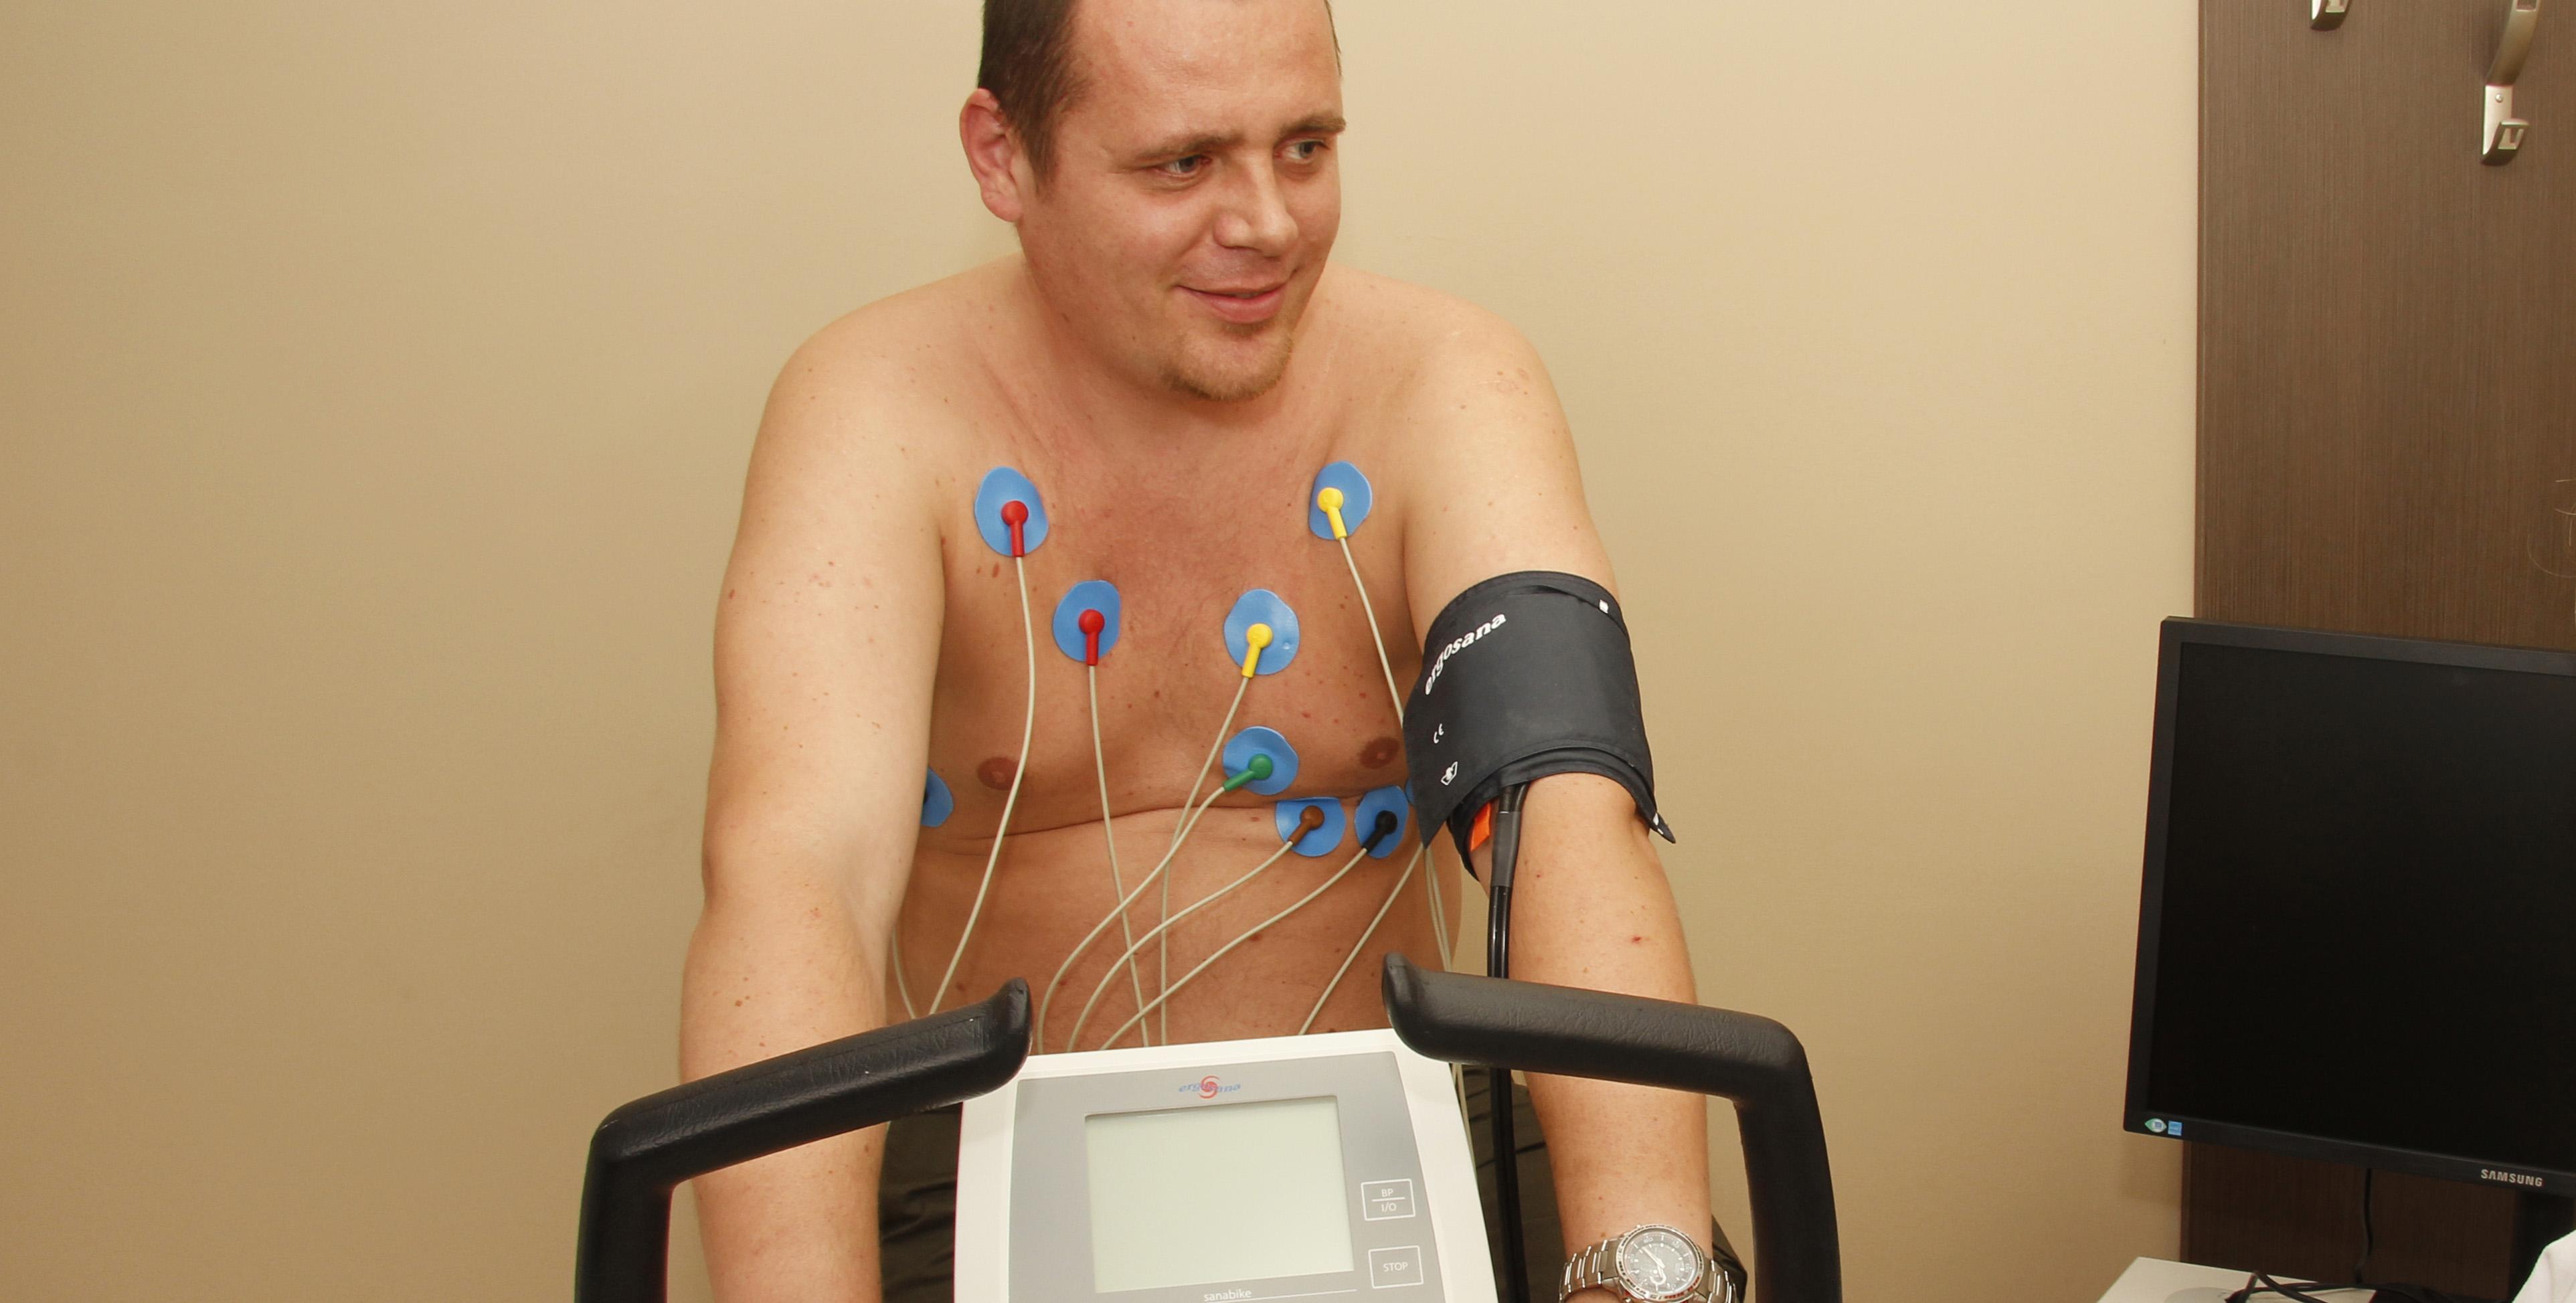 magas vérnyomás esetén egy pohár vizet botox és magas vérnyomás